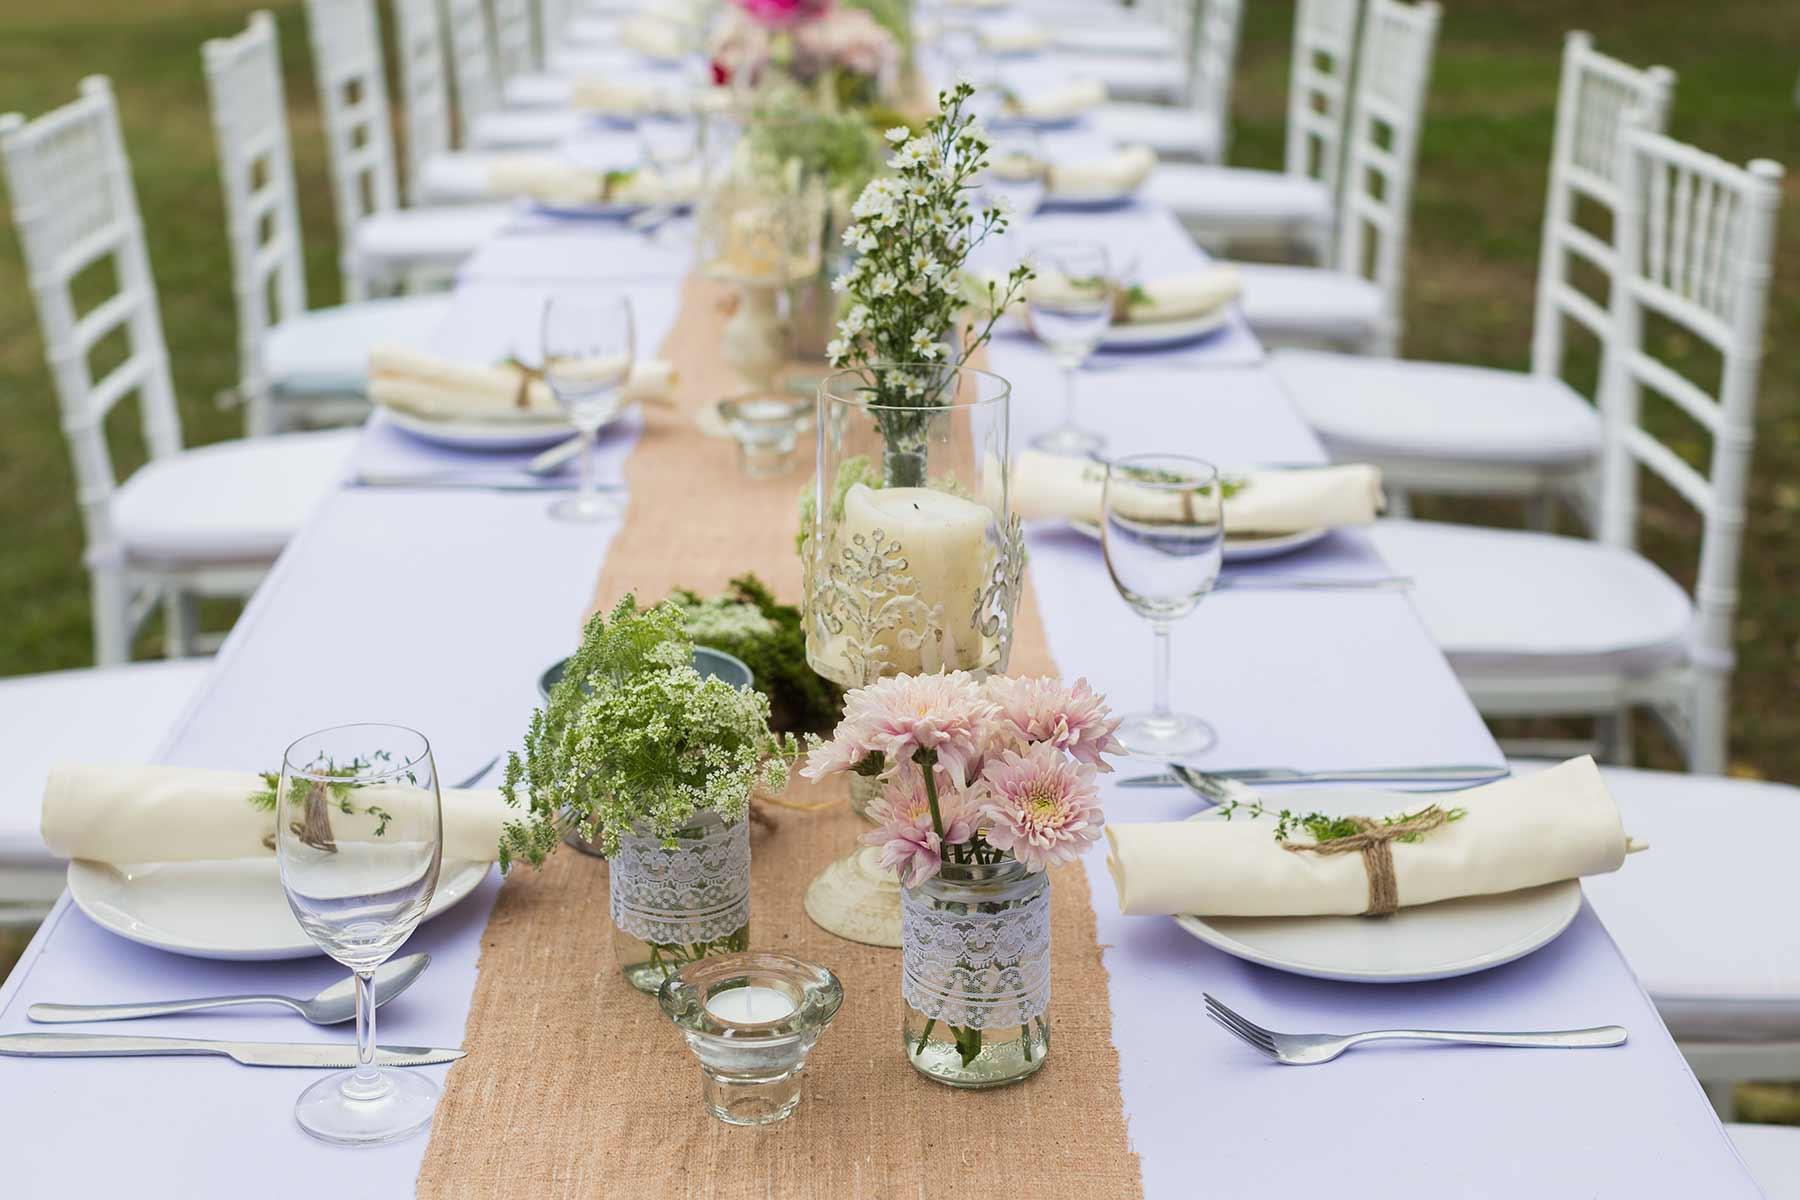 Vintage Hochzeit Alles Was Du Zur Dekoration Benotigst